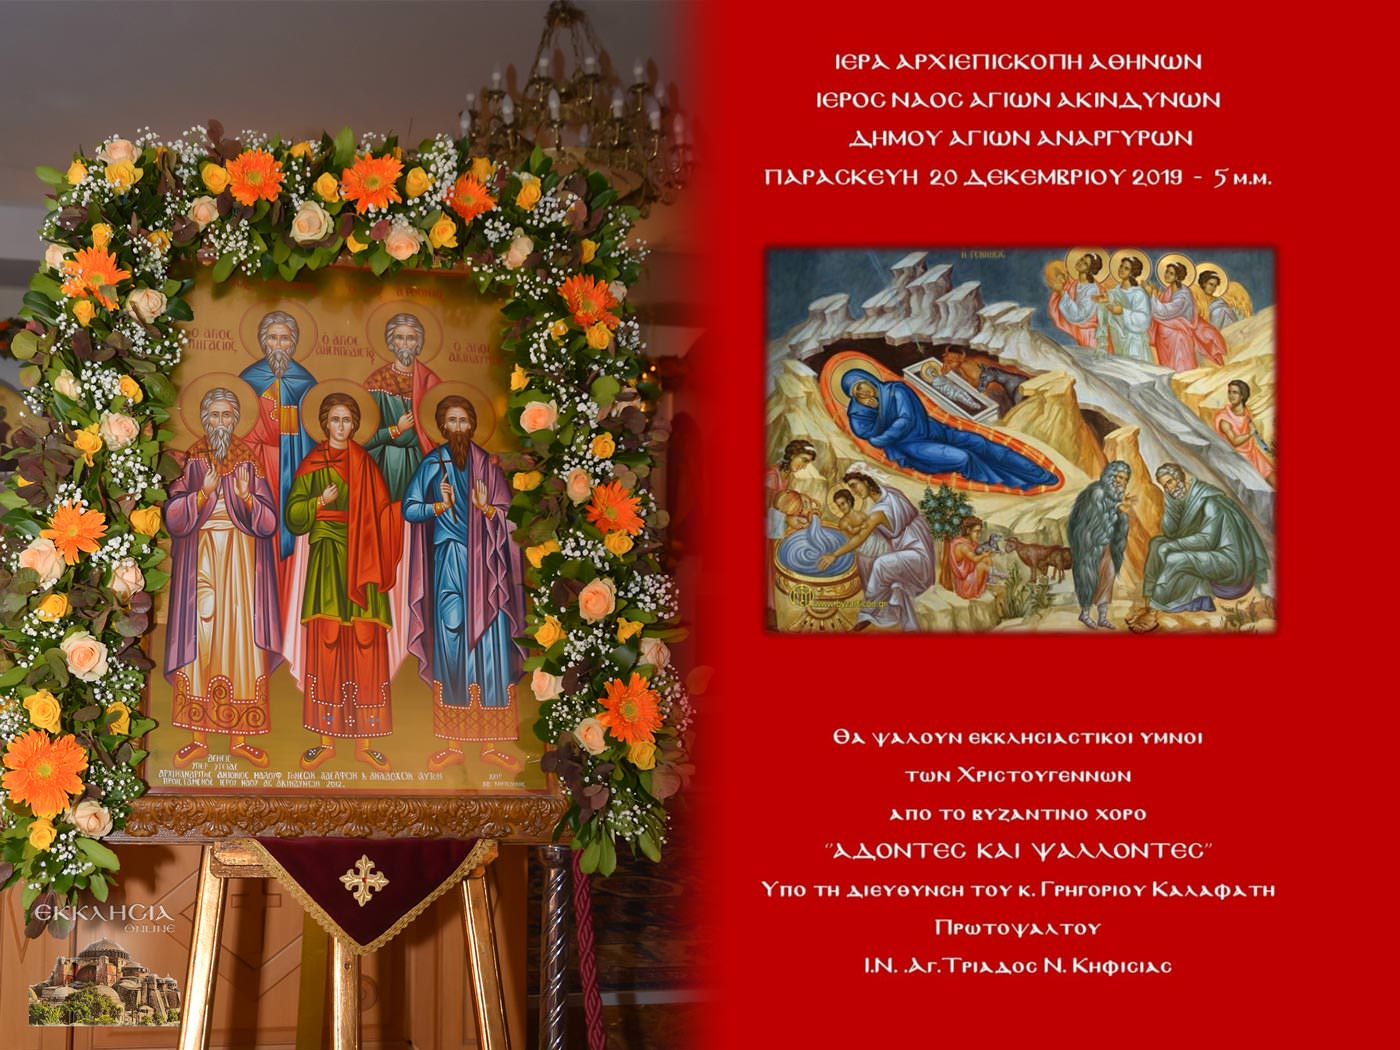 Ψαλμοί Χριστουγέννων 2019 Αγίων Ακινδύνων